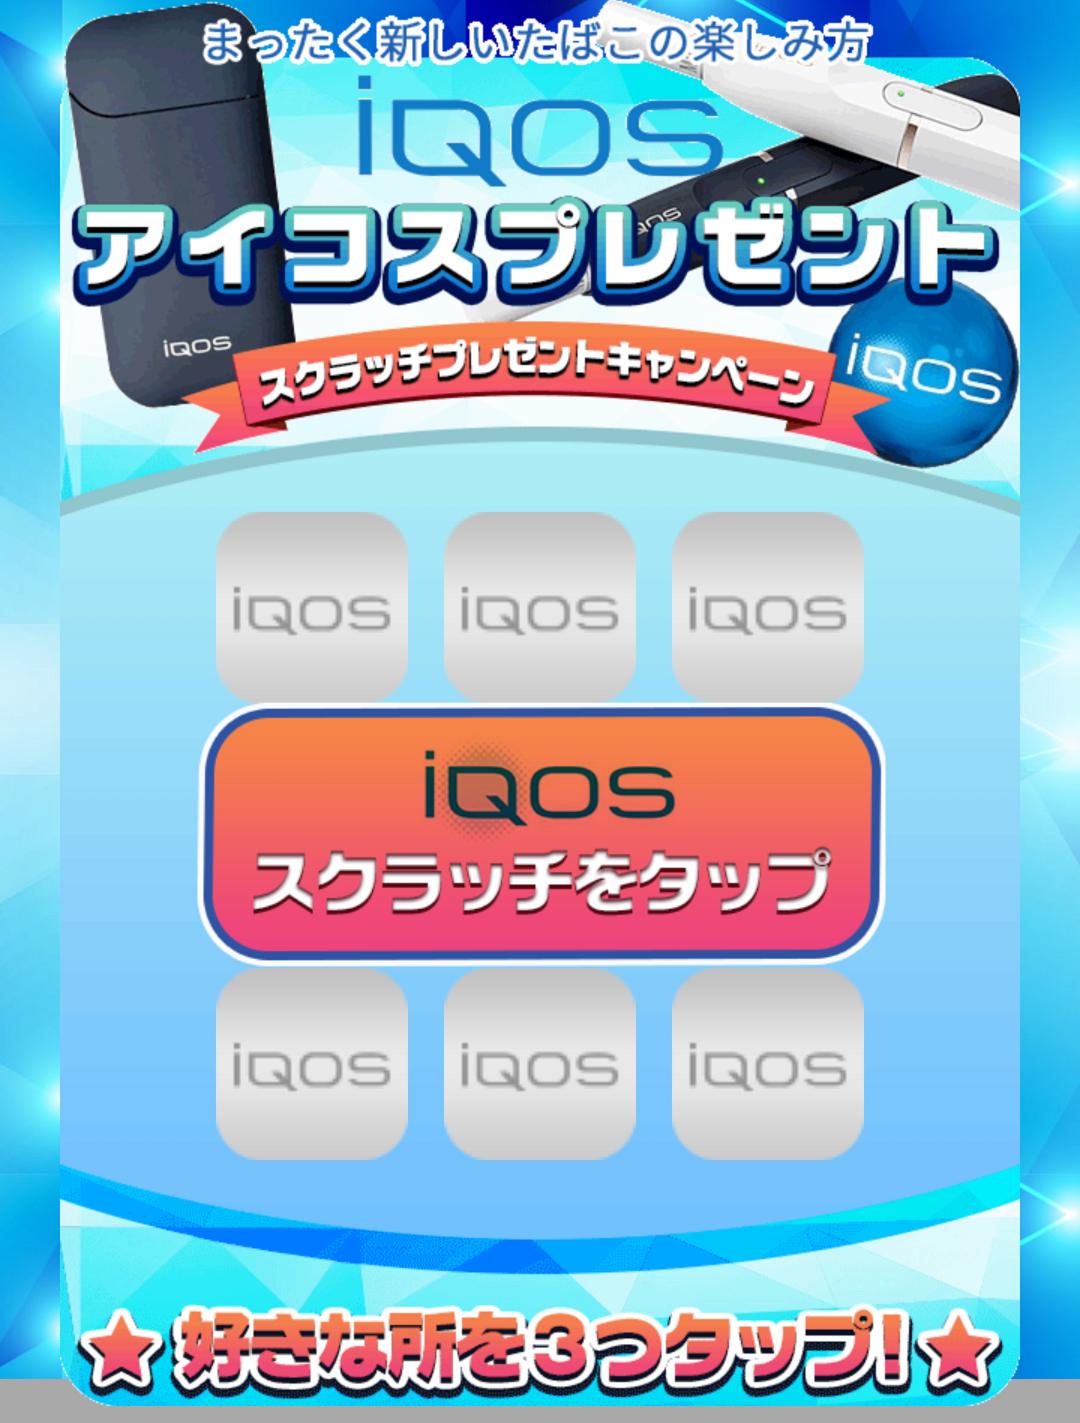 キラキラウォーカー/iQOS